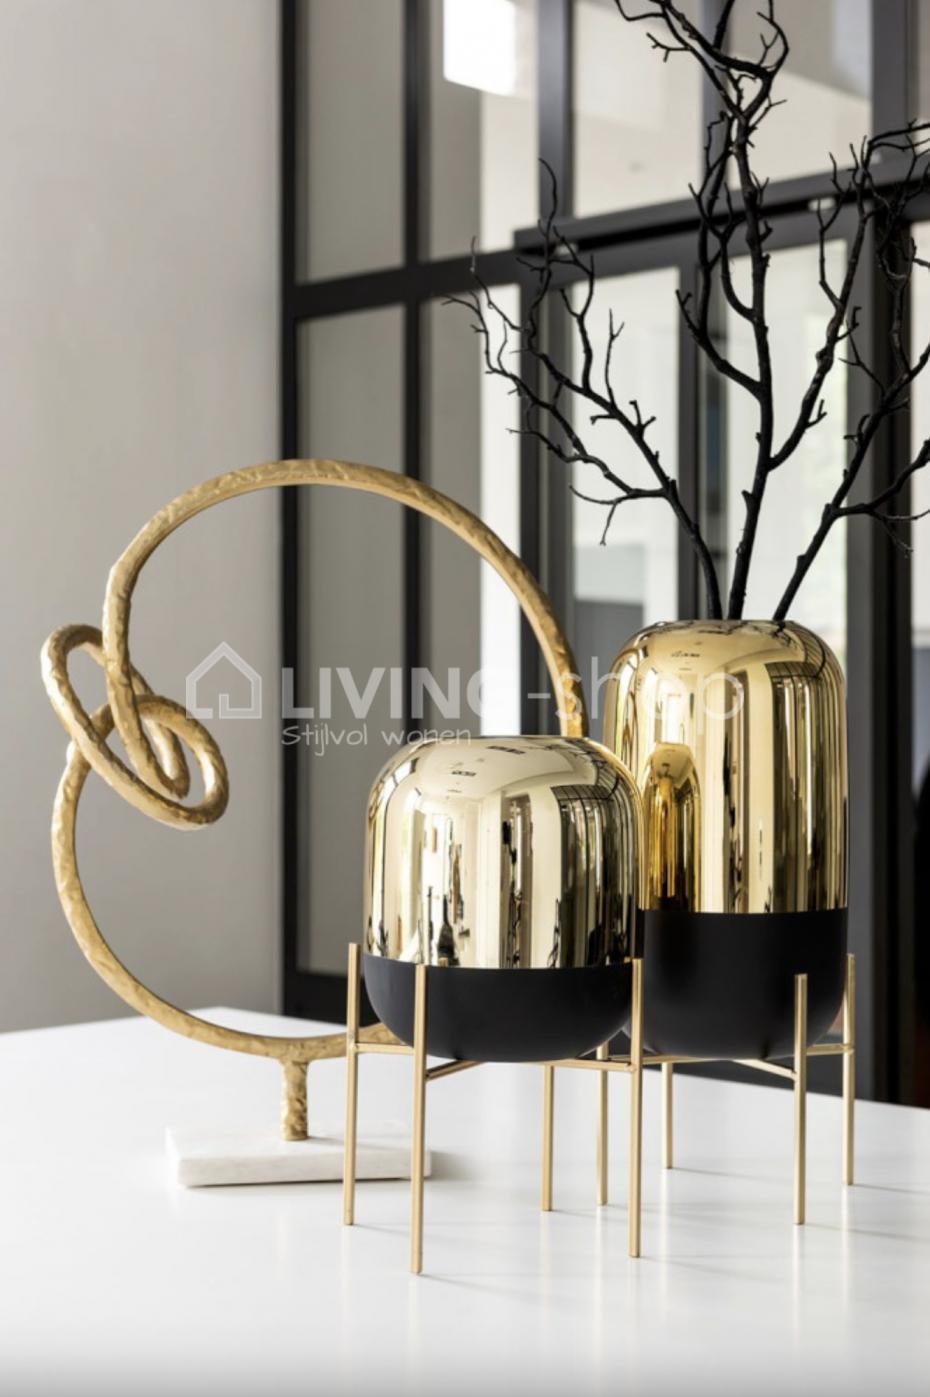 Windlichten Op Voet Zwart Goud J Line Decoratie Modern Vintage Living Shop Stijlvolwonen Webshop Goud Interieur Vazen Zwart Goud